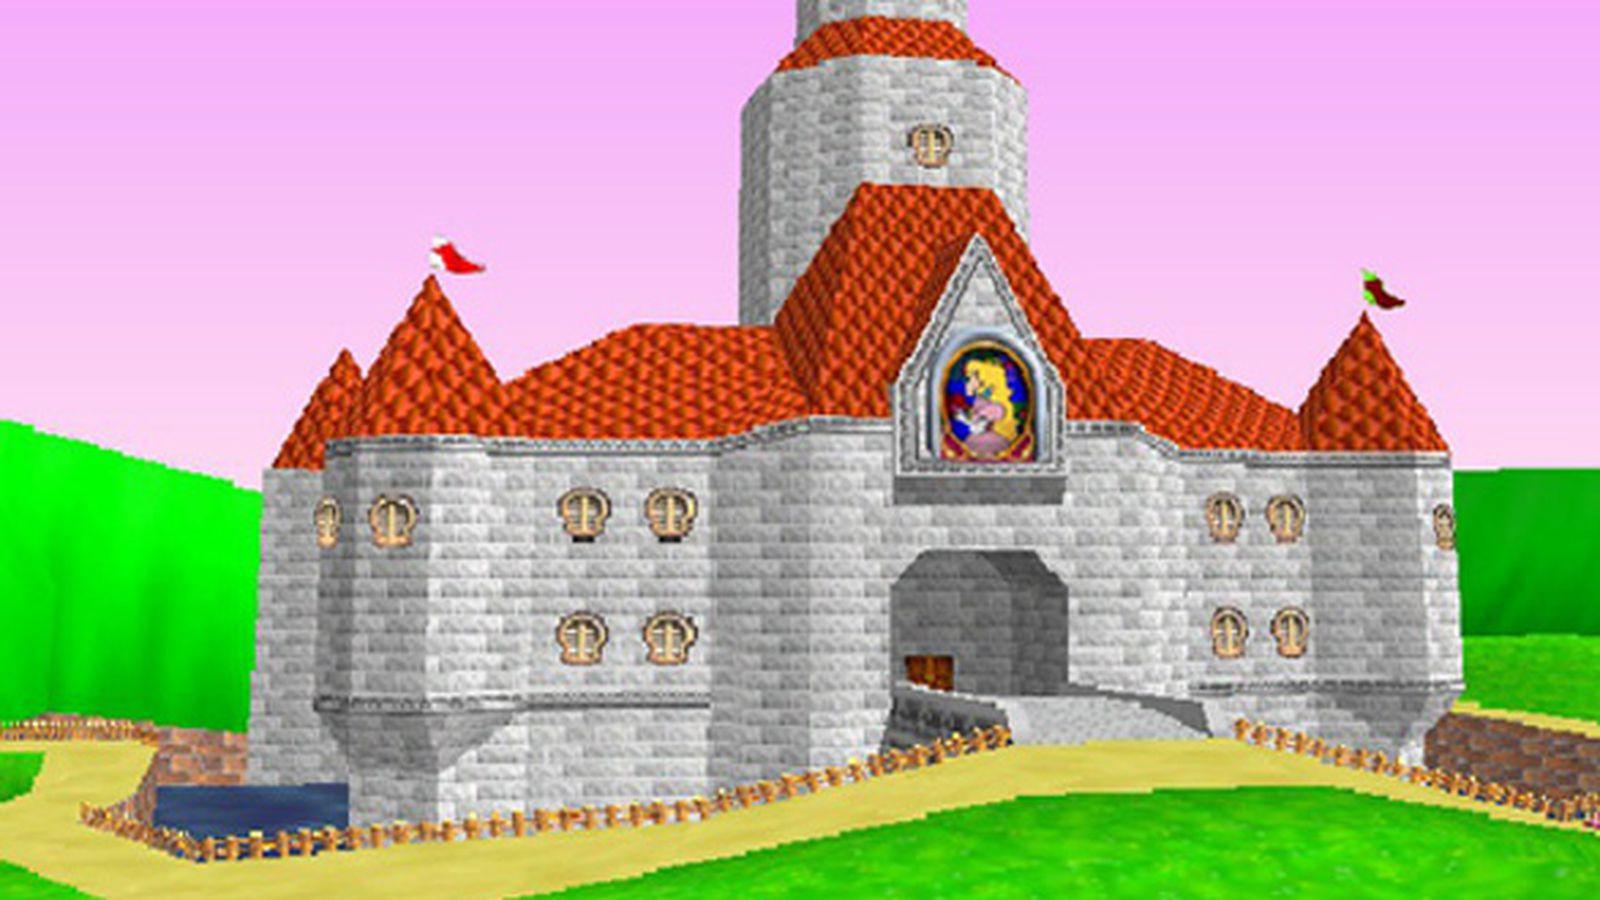 princess peach�s mario super mario 64 castle would be